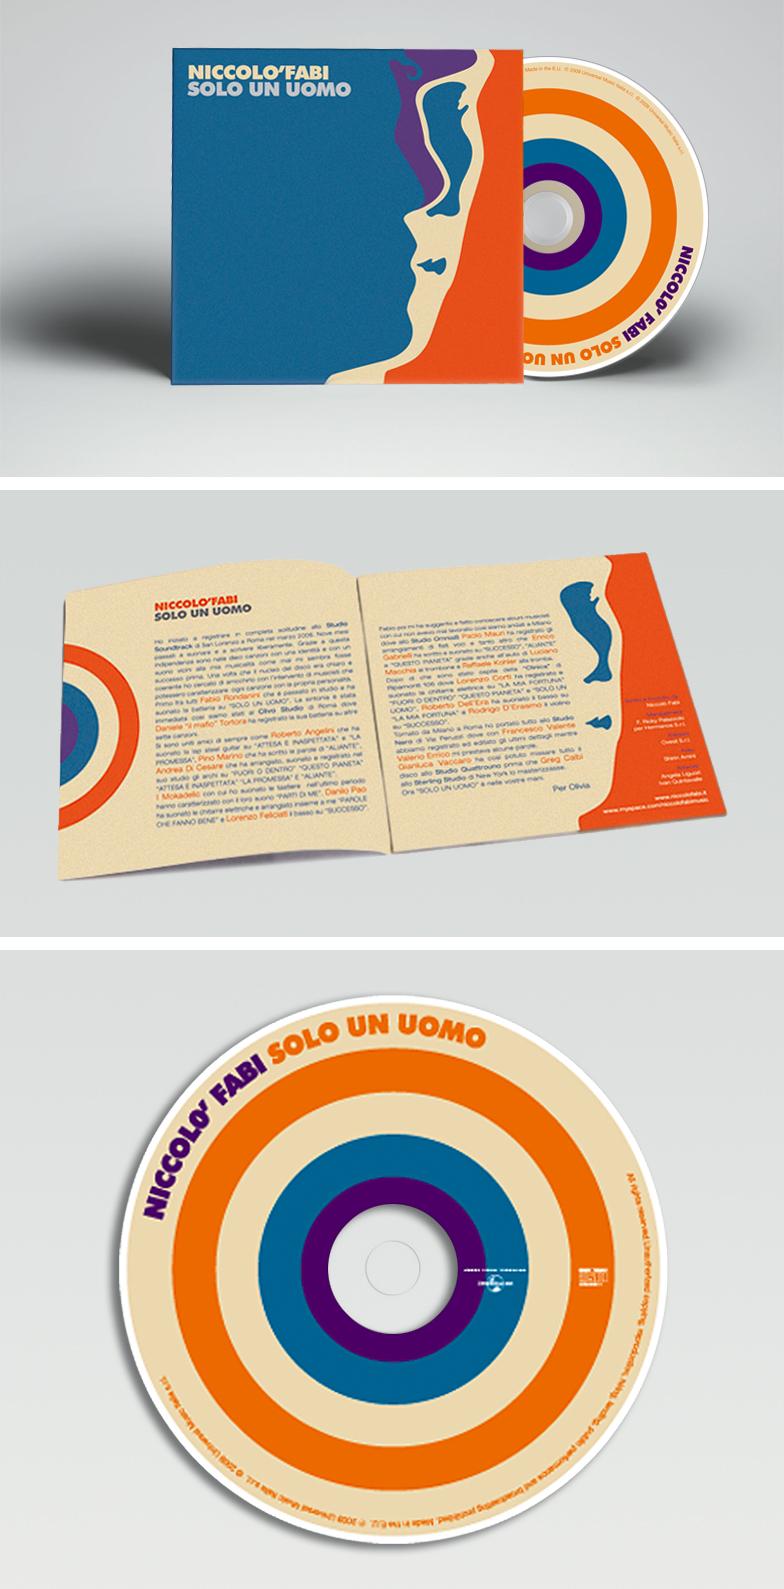 Artwork CD - SOLO UN UOMO - Niccolò Fabi